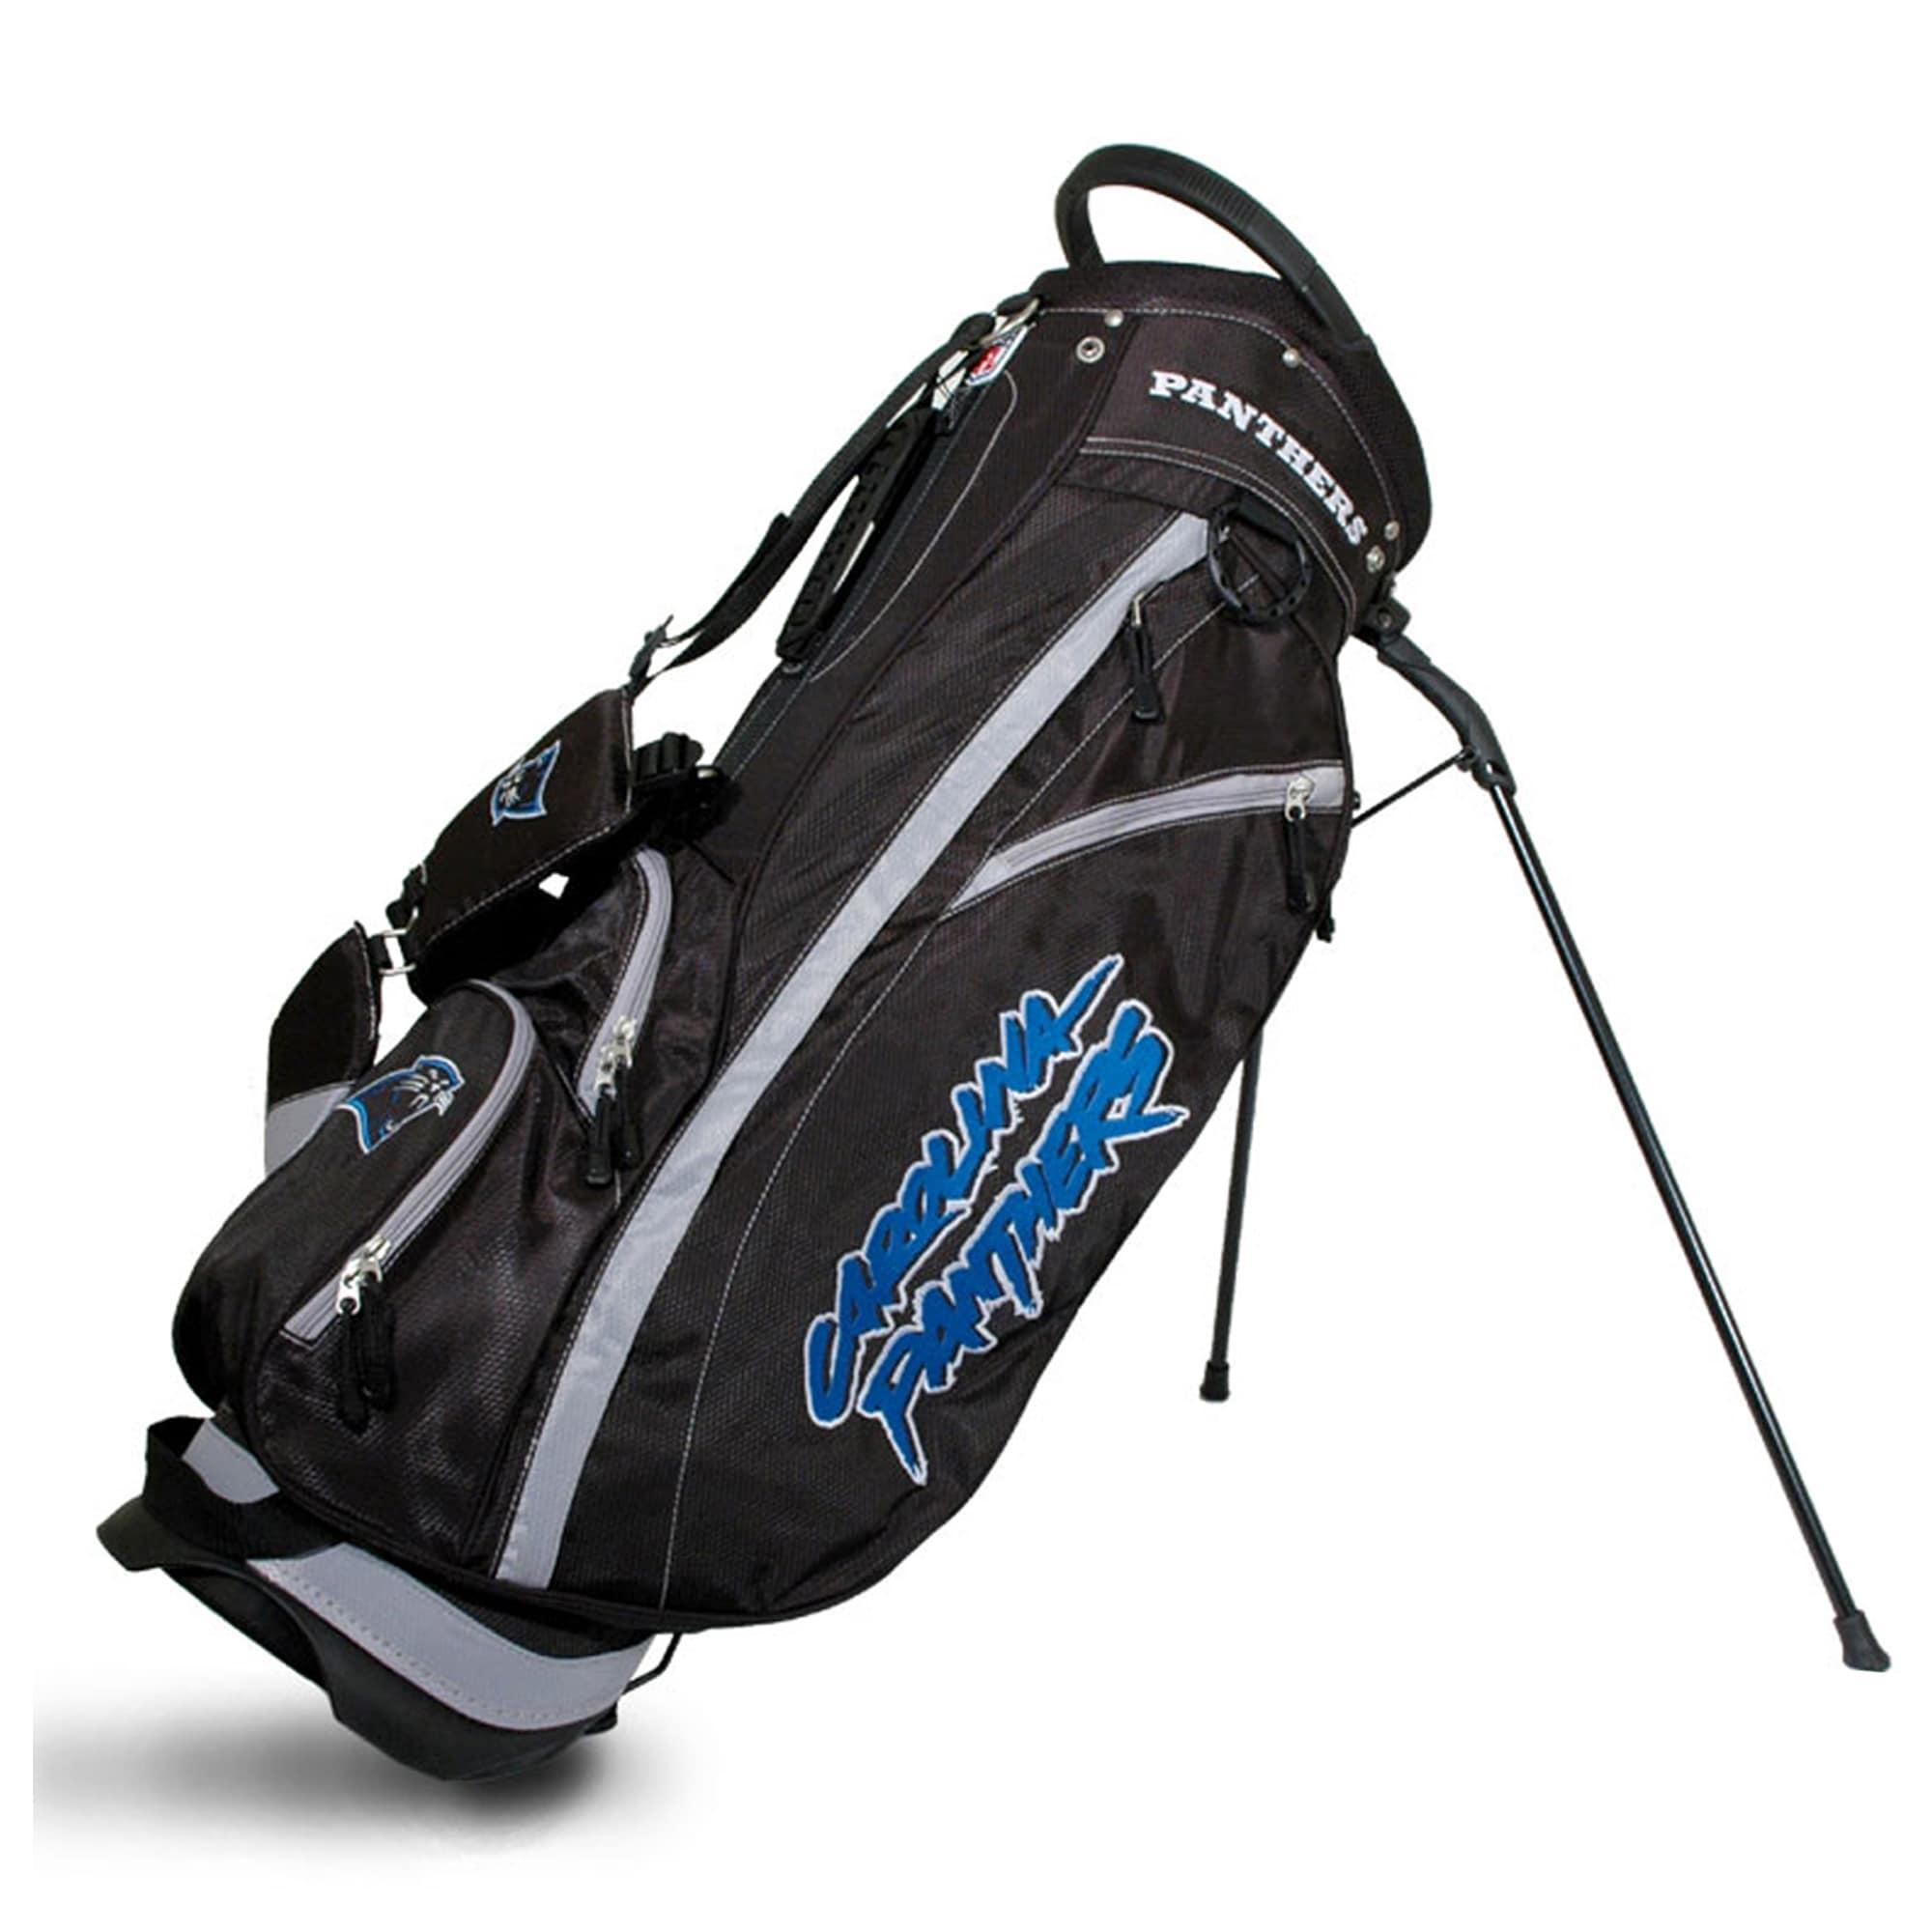 Carolina Panthers Fairway Stand Golf Bag